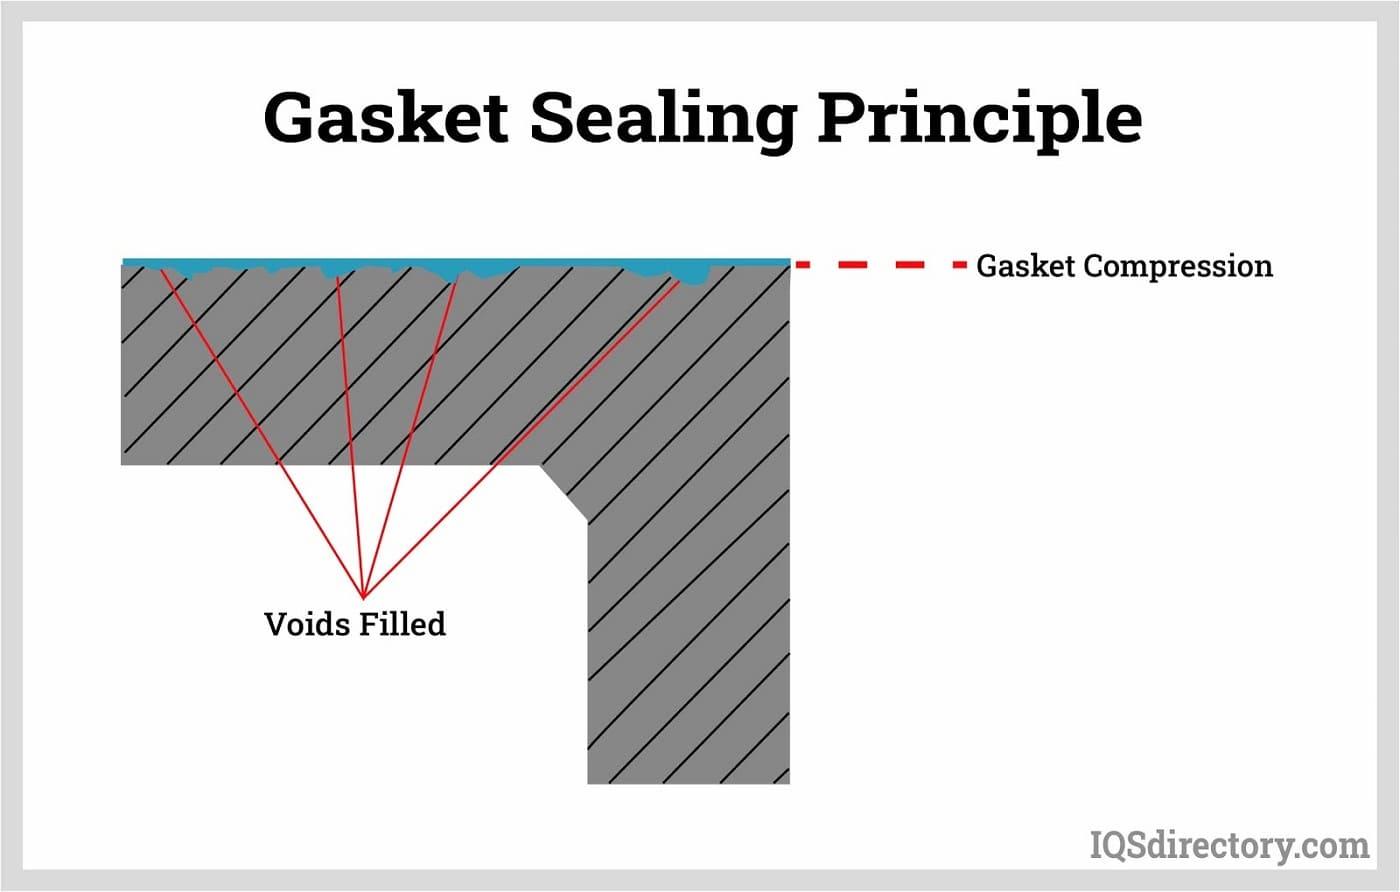 Gasket Sealing Principle